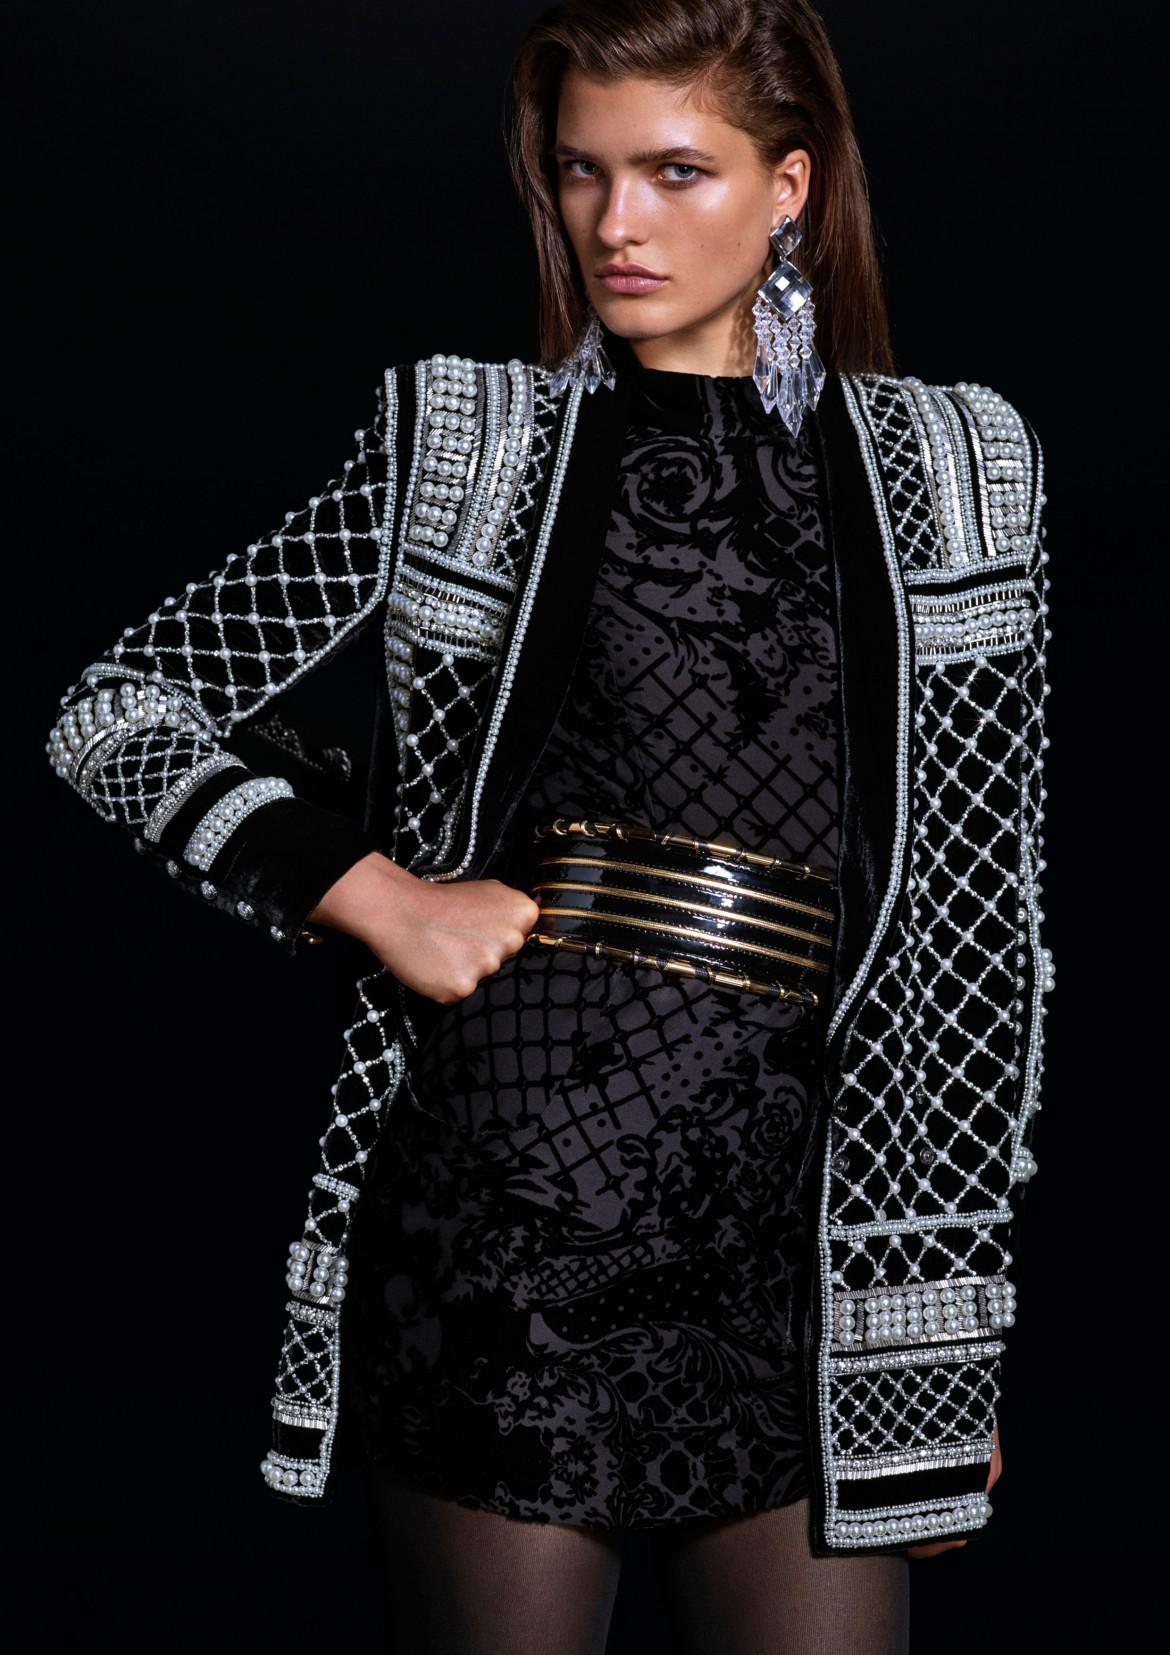 Balmaination, les looks marquants d'Olivier Rousteing : design Balmain pour H&M